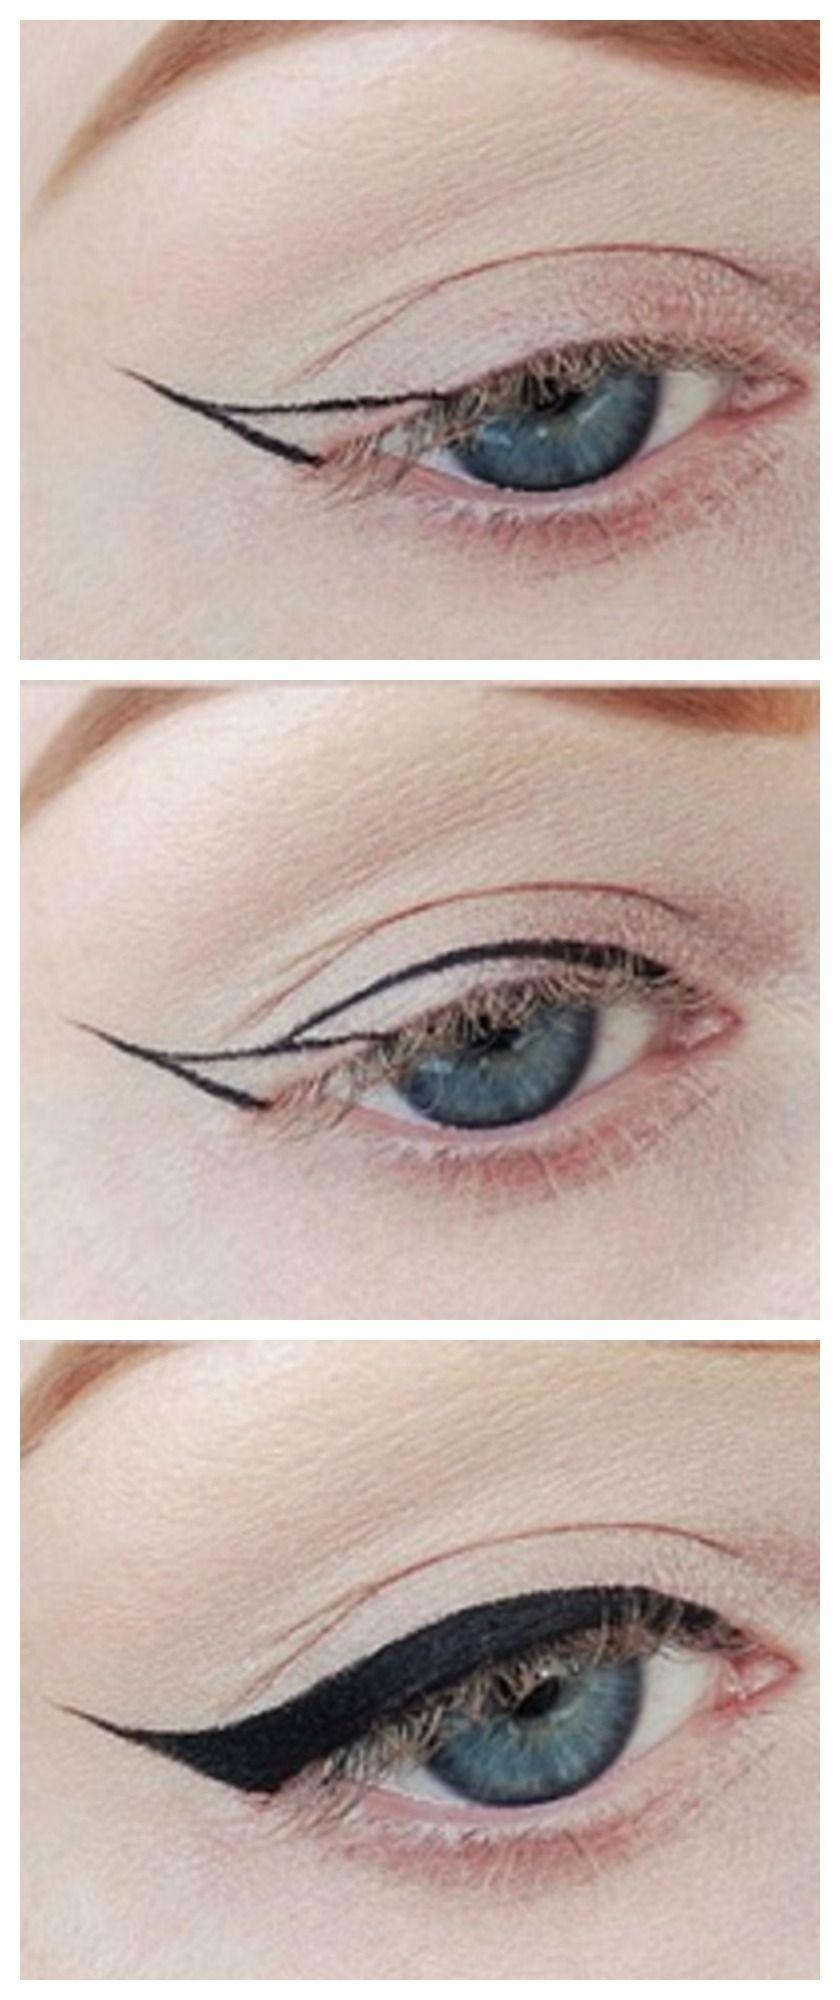 unfortunxly kosmetik make up augen eyeliner und make up. Black Bedroom Furniture Sets. Home Design Ideas